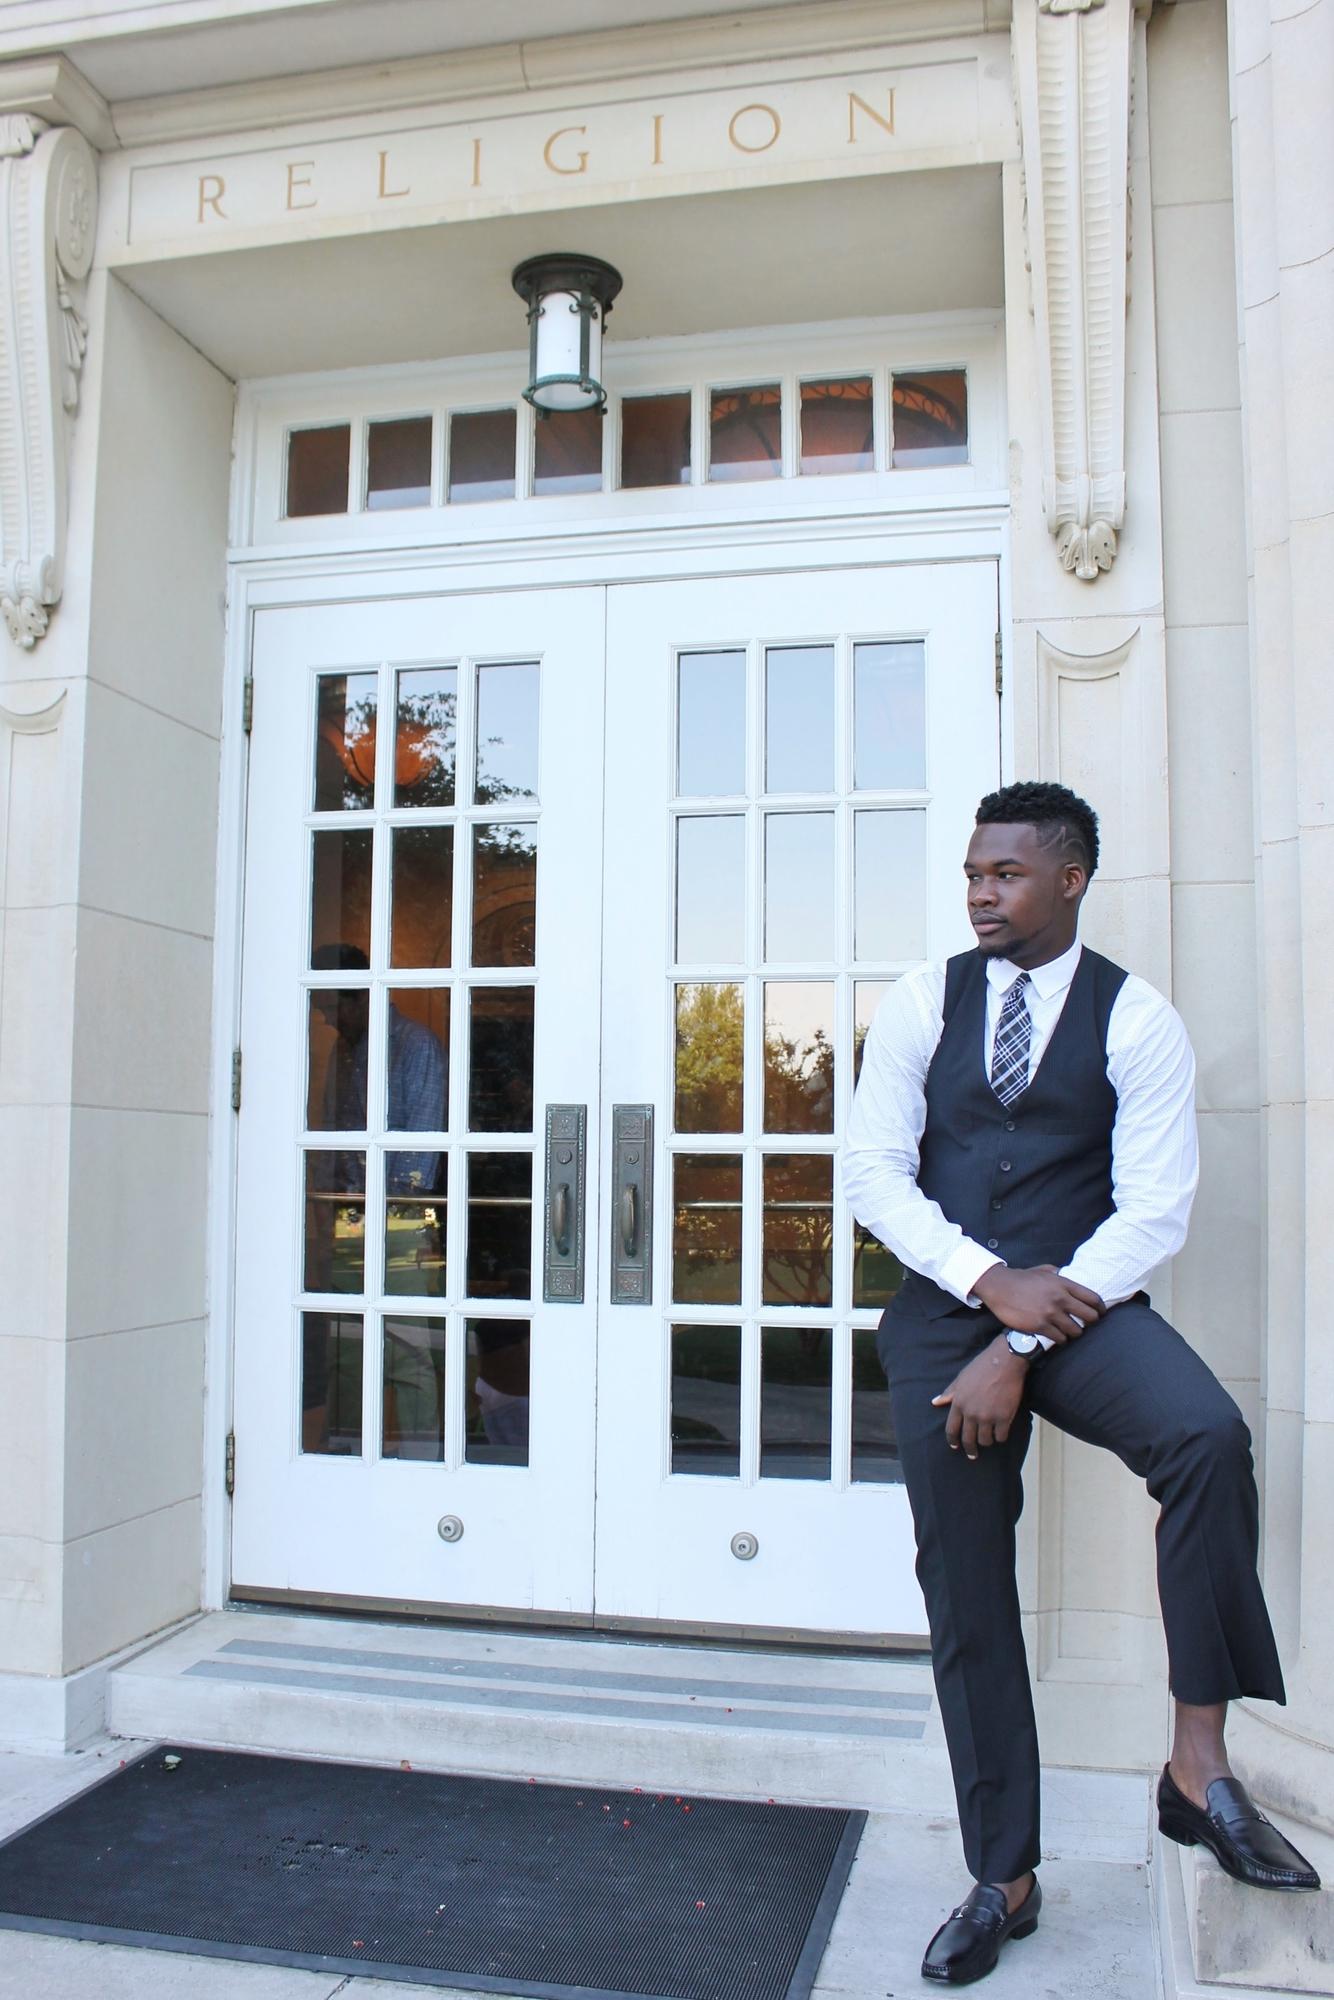 guy standing near doorway